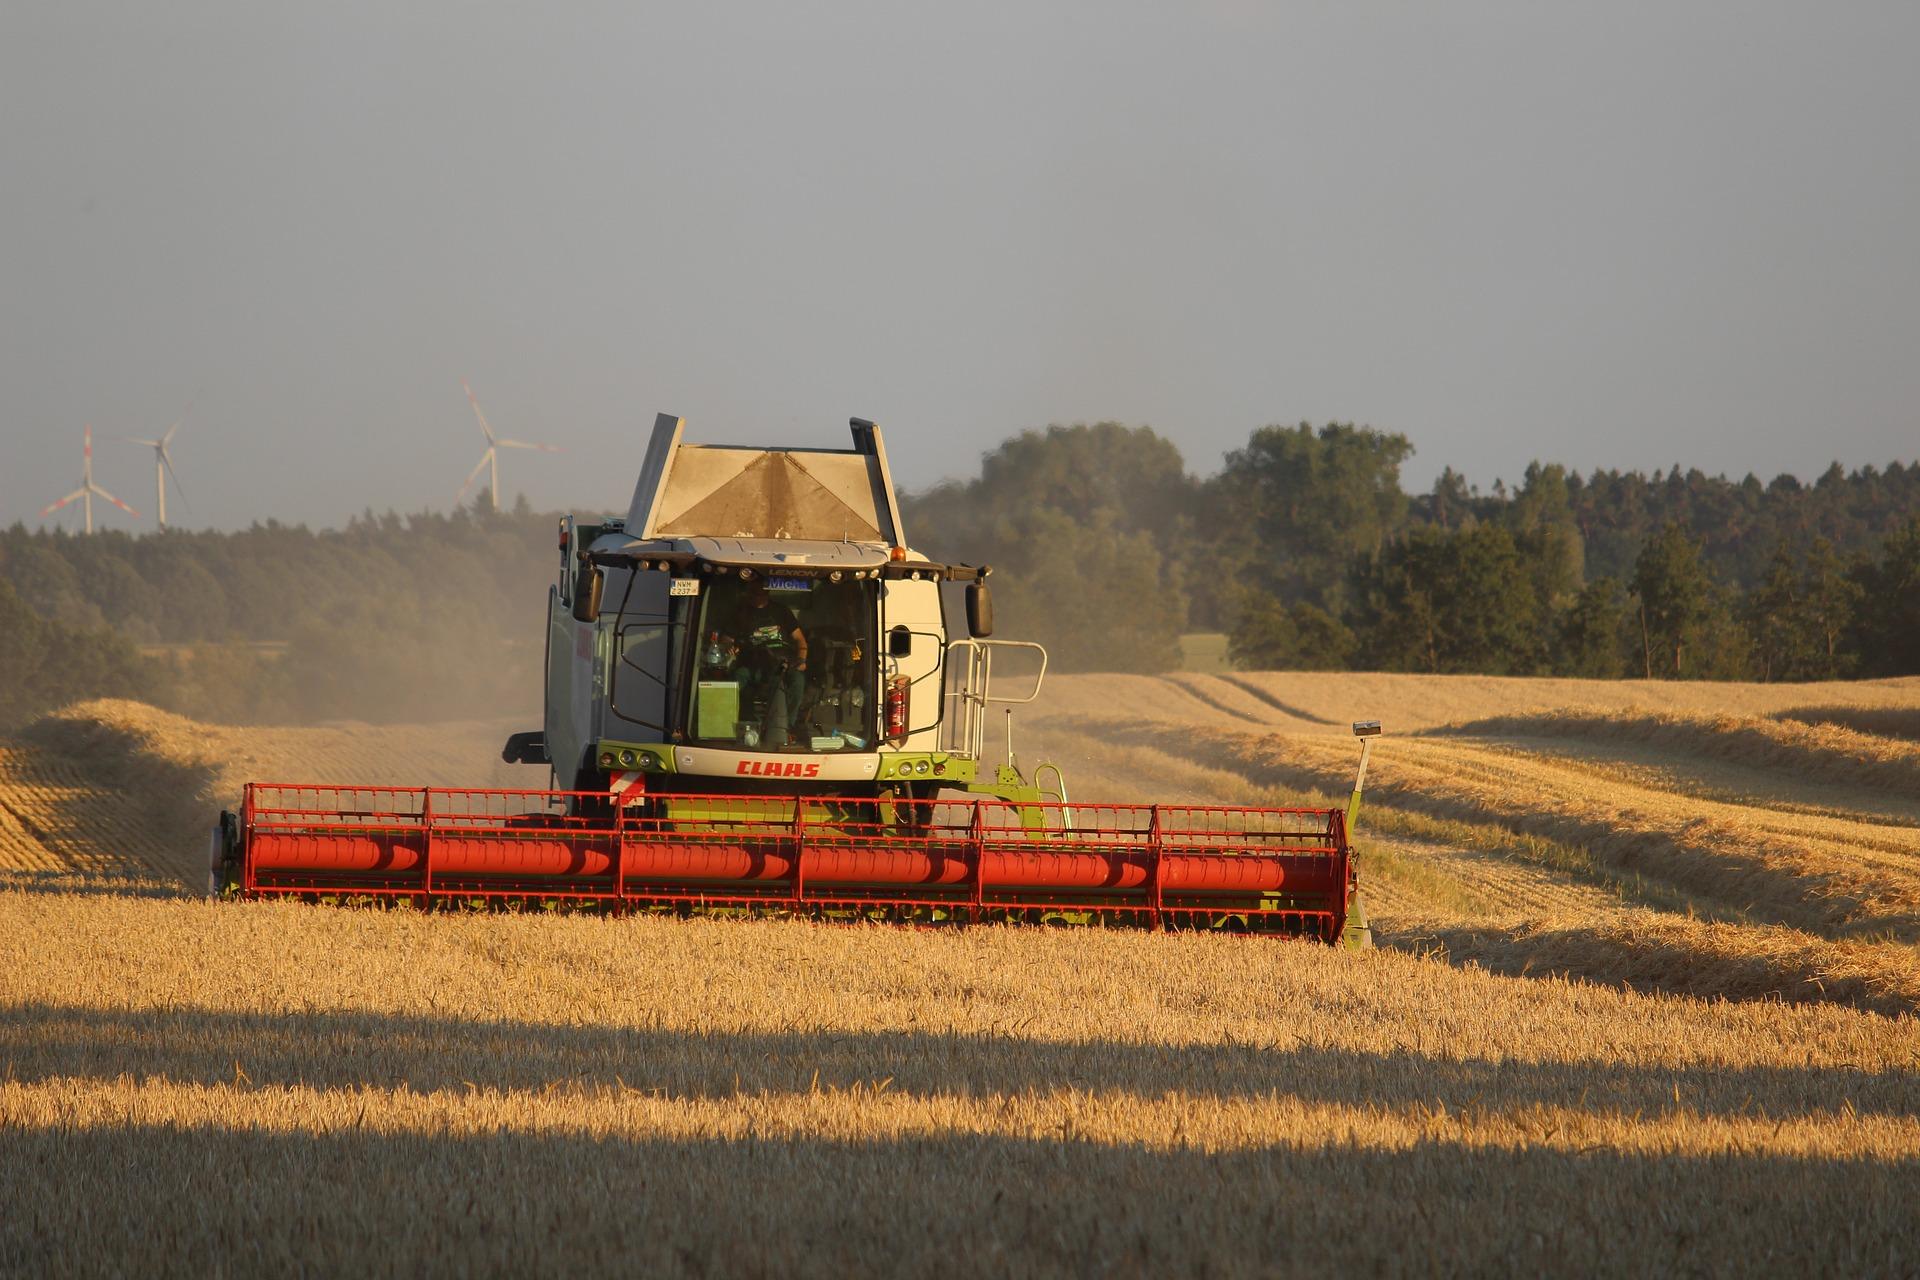 До розкрадань мільйонів гектарів державних сільгоспземель причетні деякі нардепи — Зеленський